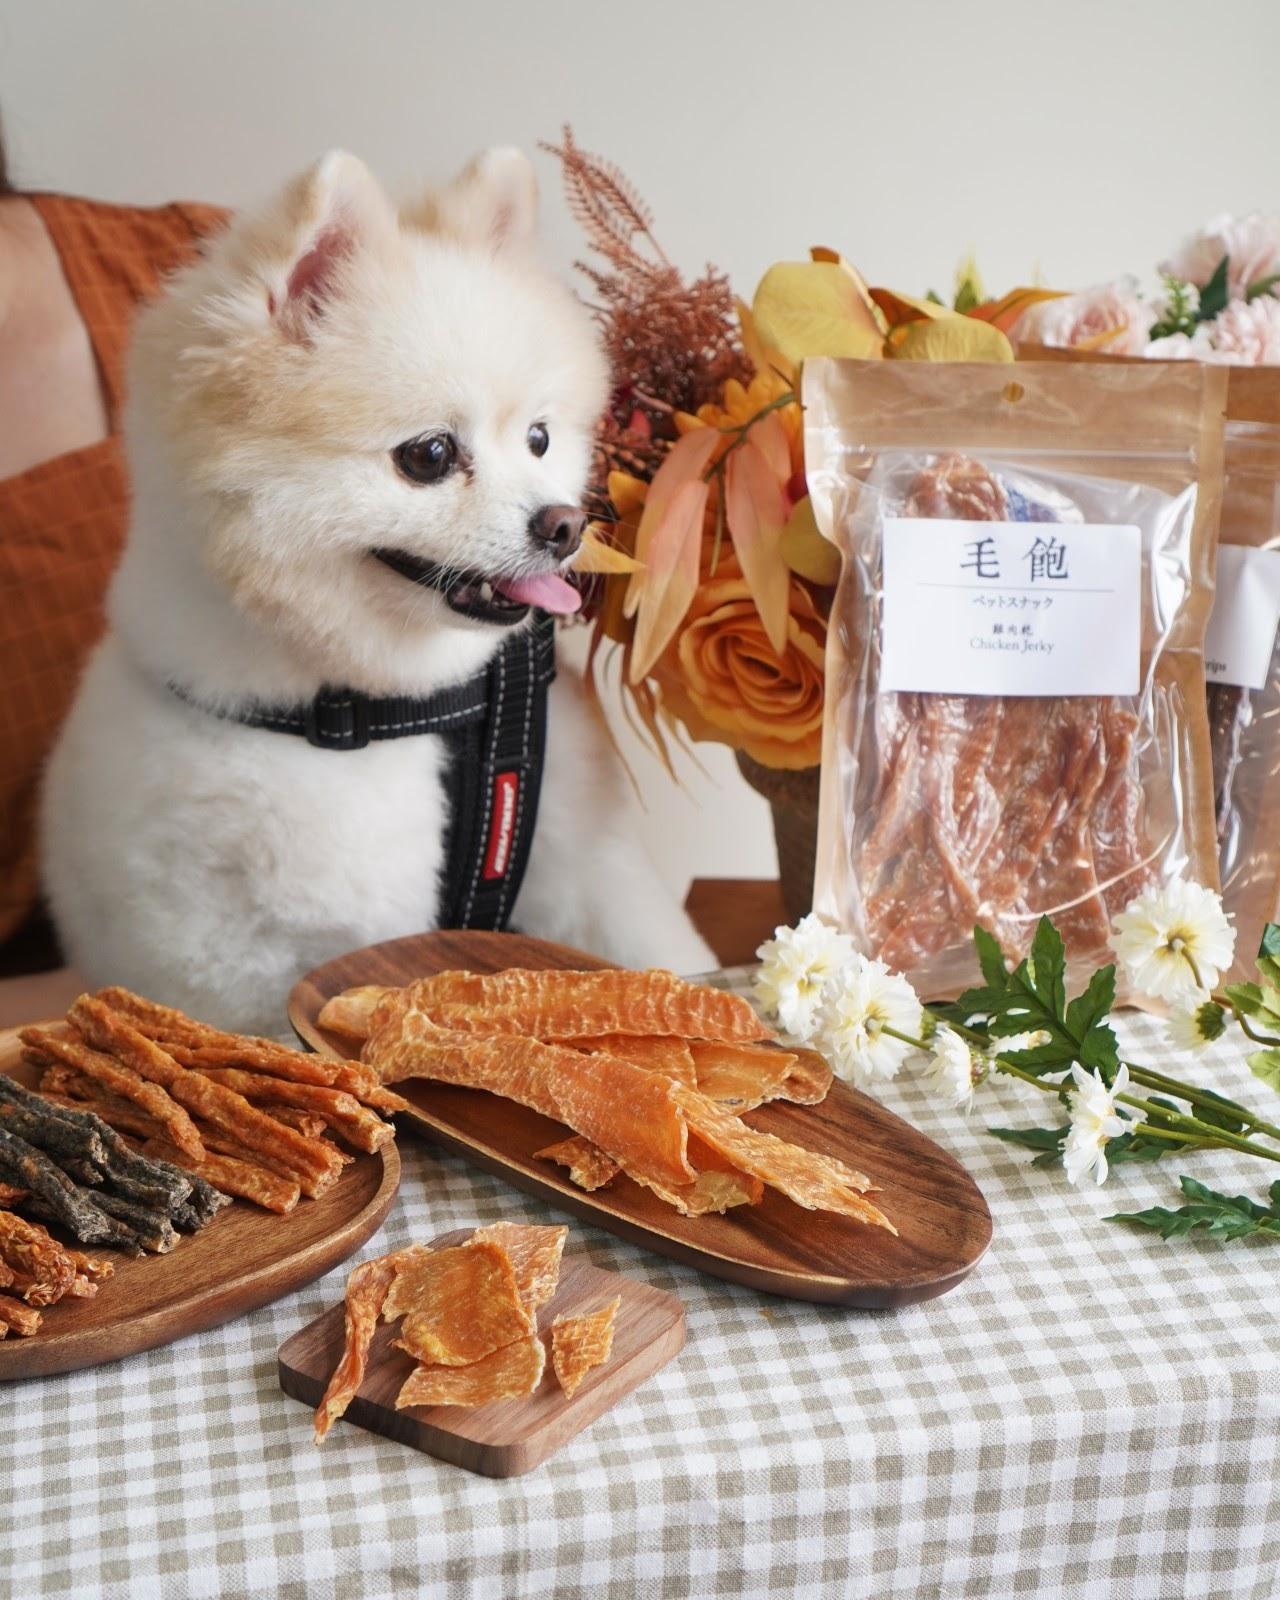 【宅配美食】人食等級連人都能吃的寵物零食《毛飽寵物零食》嚴選使用氣冷雞製作而成,堅持純天然、無人工添加物,讓毛小孩可以吃得安心又健康 寵物零食推薦